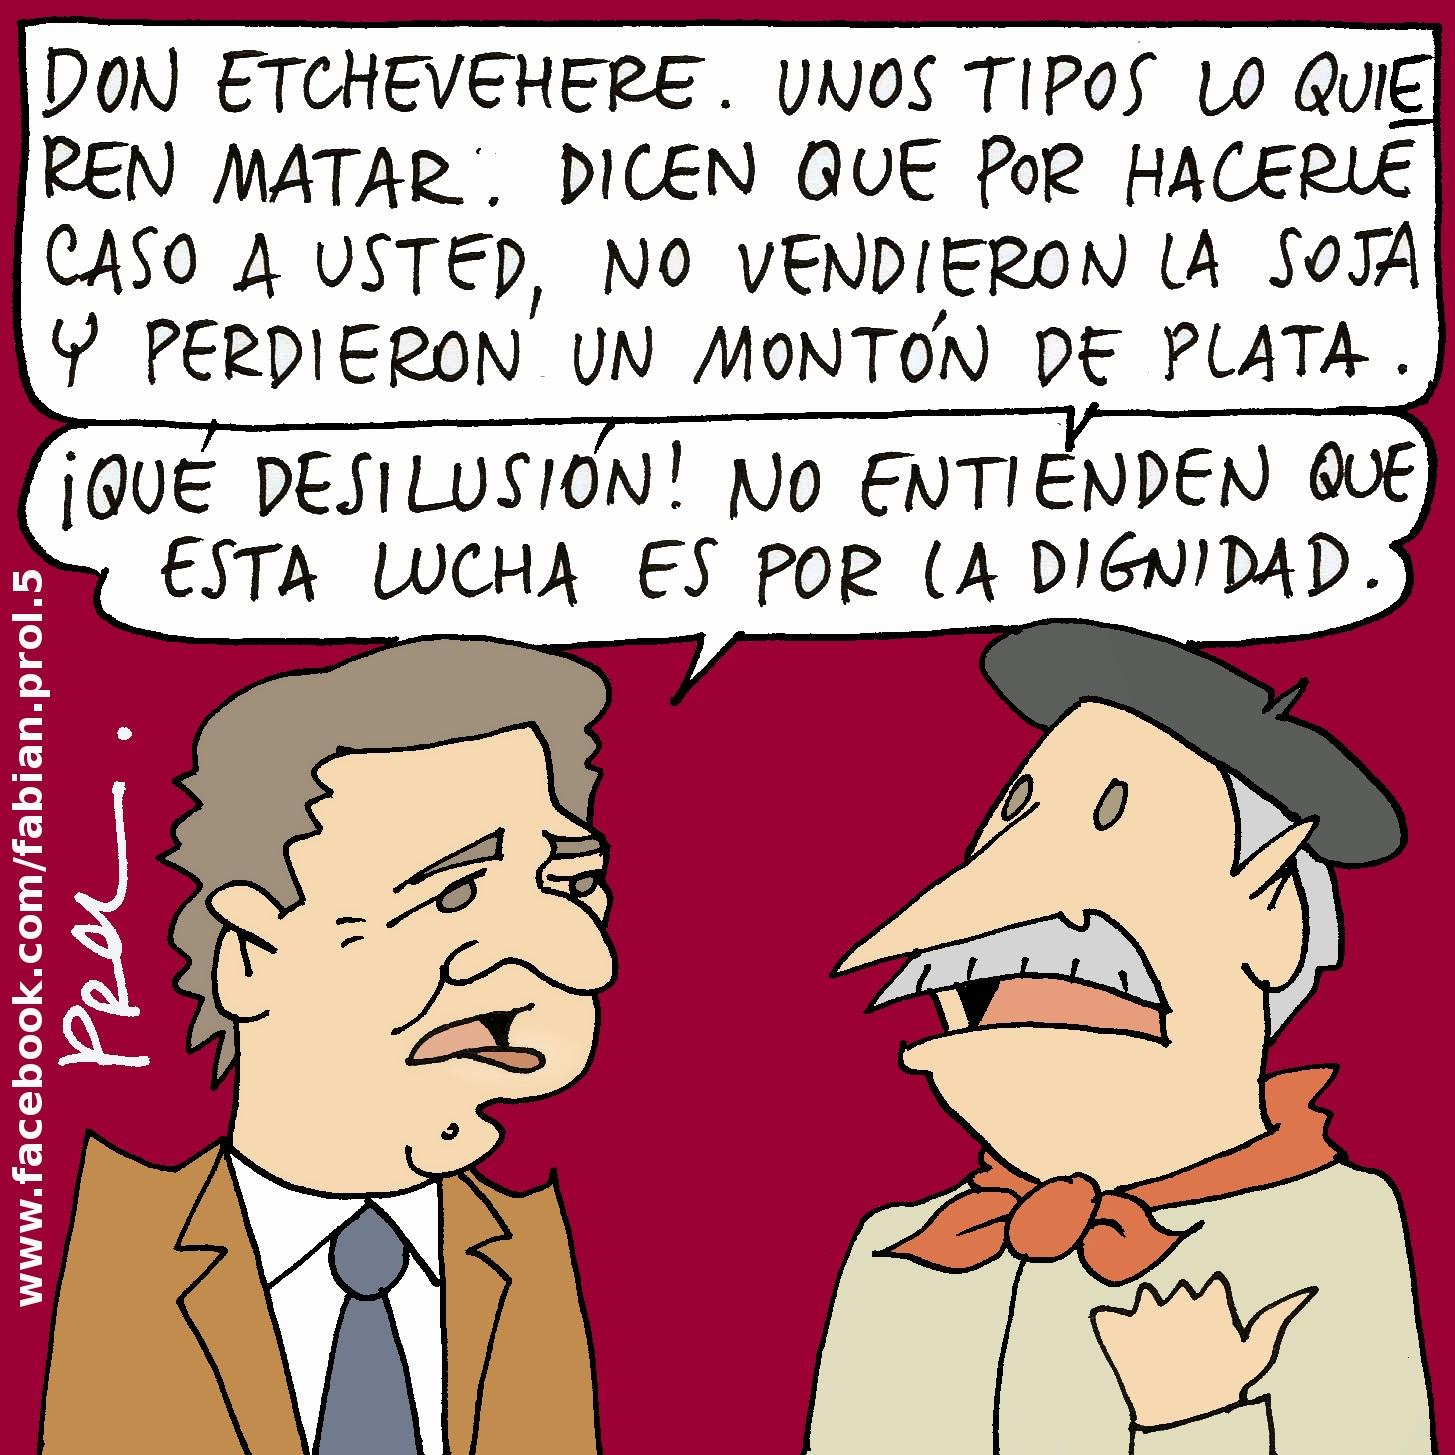 IDIOTAS  !!!!! - Página 2 Dignidad-l